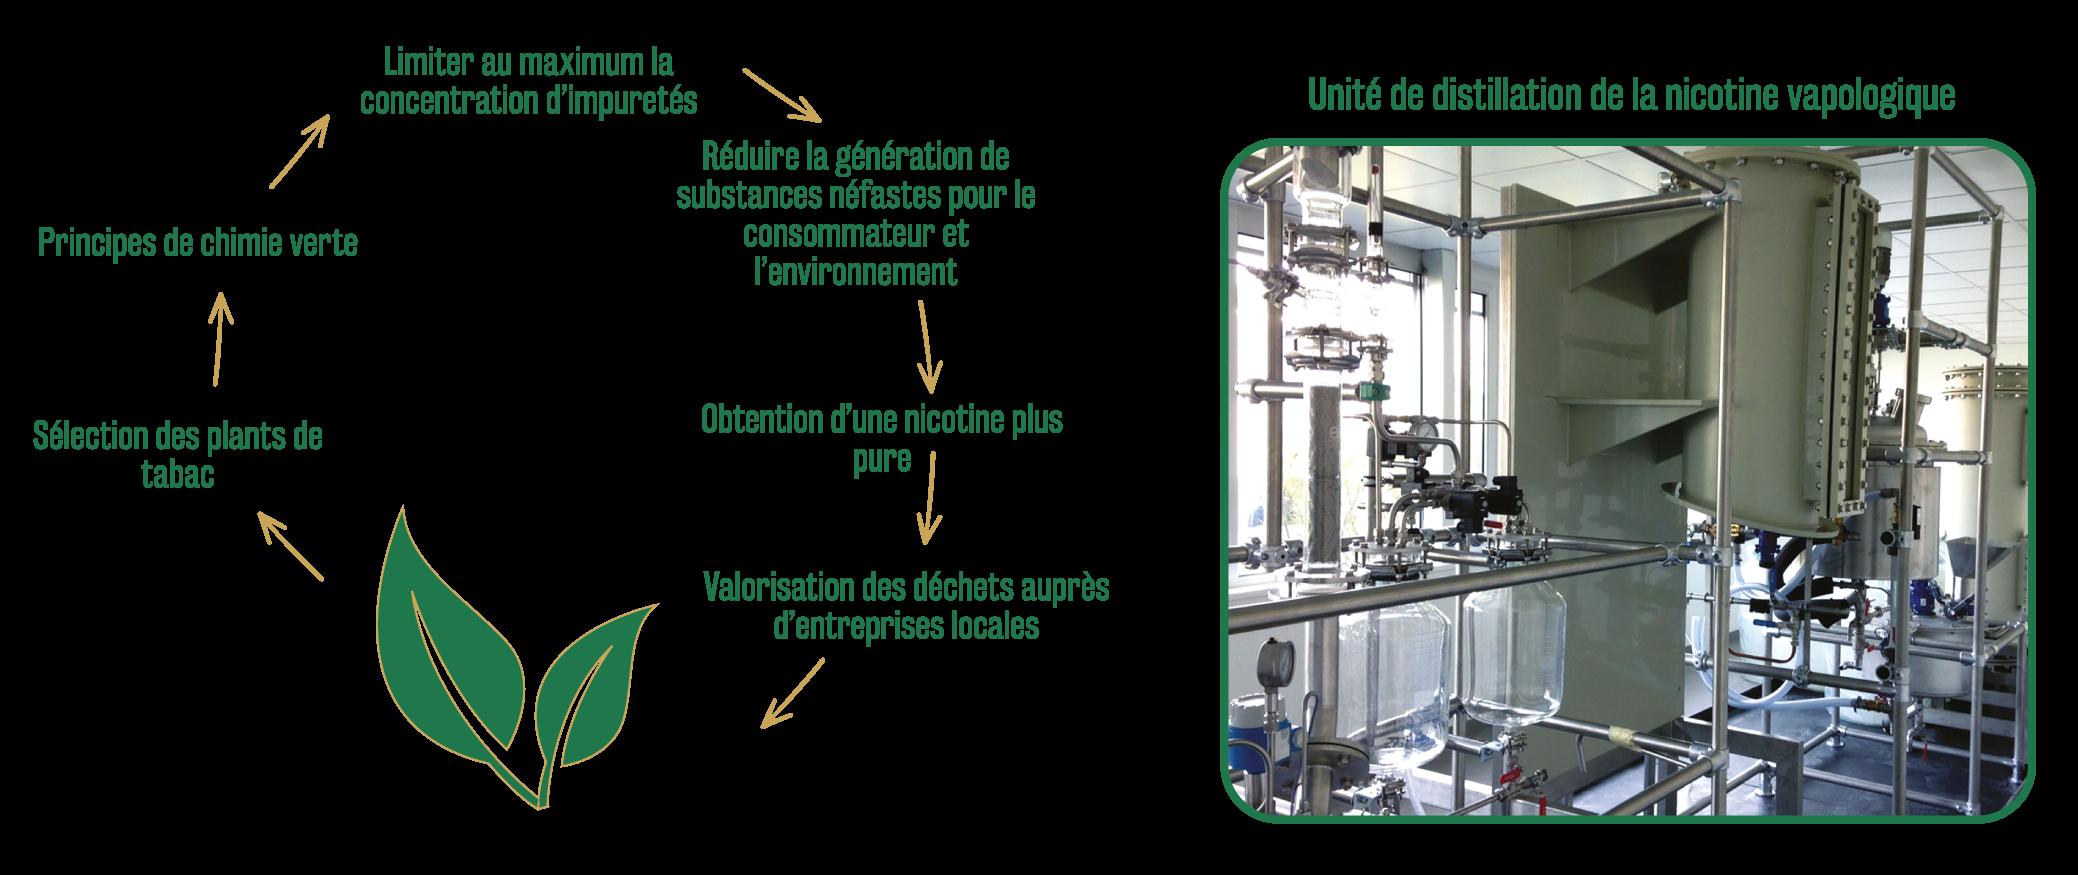 schema environnement et distillation nicotine